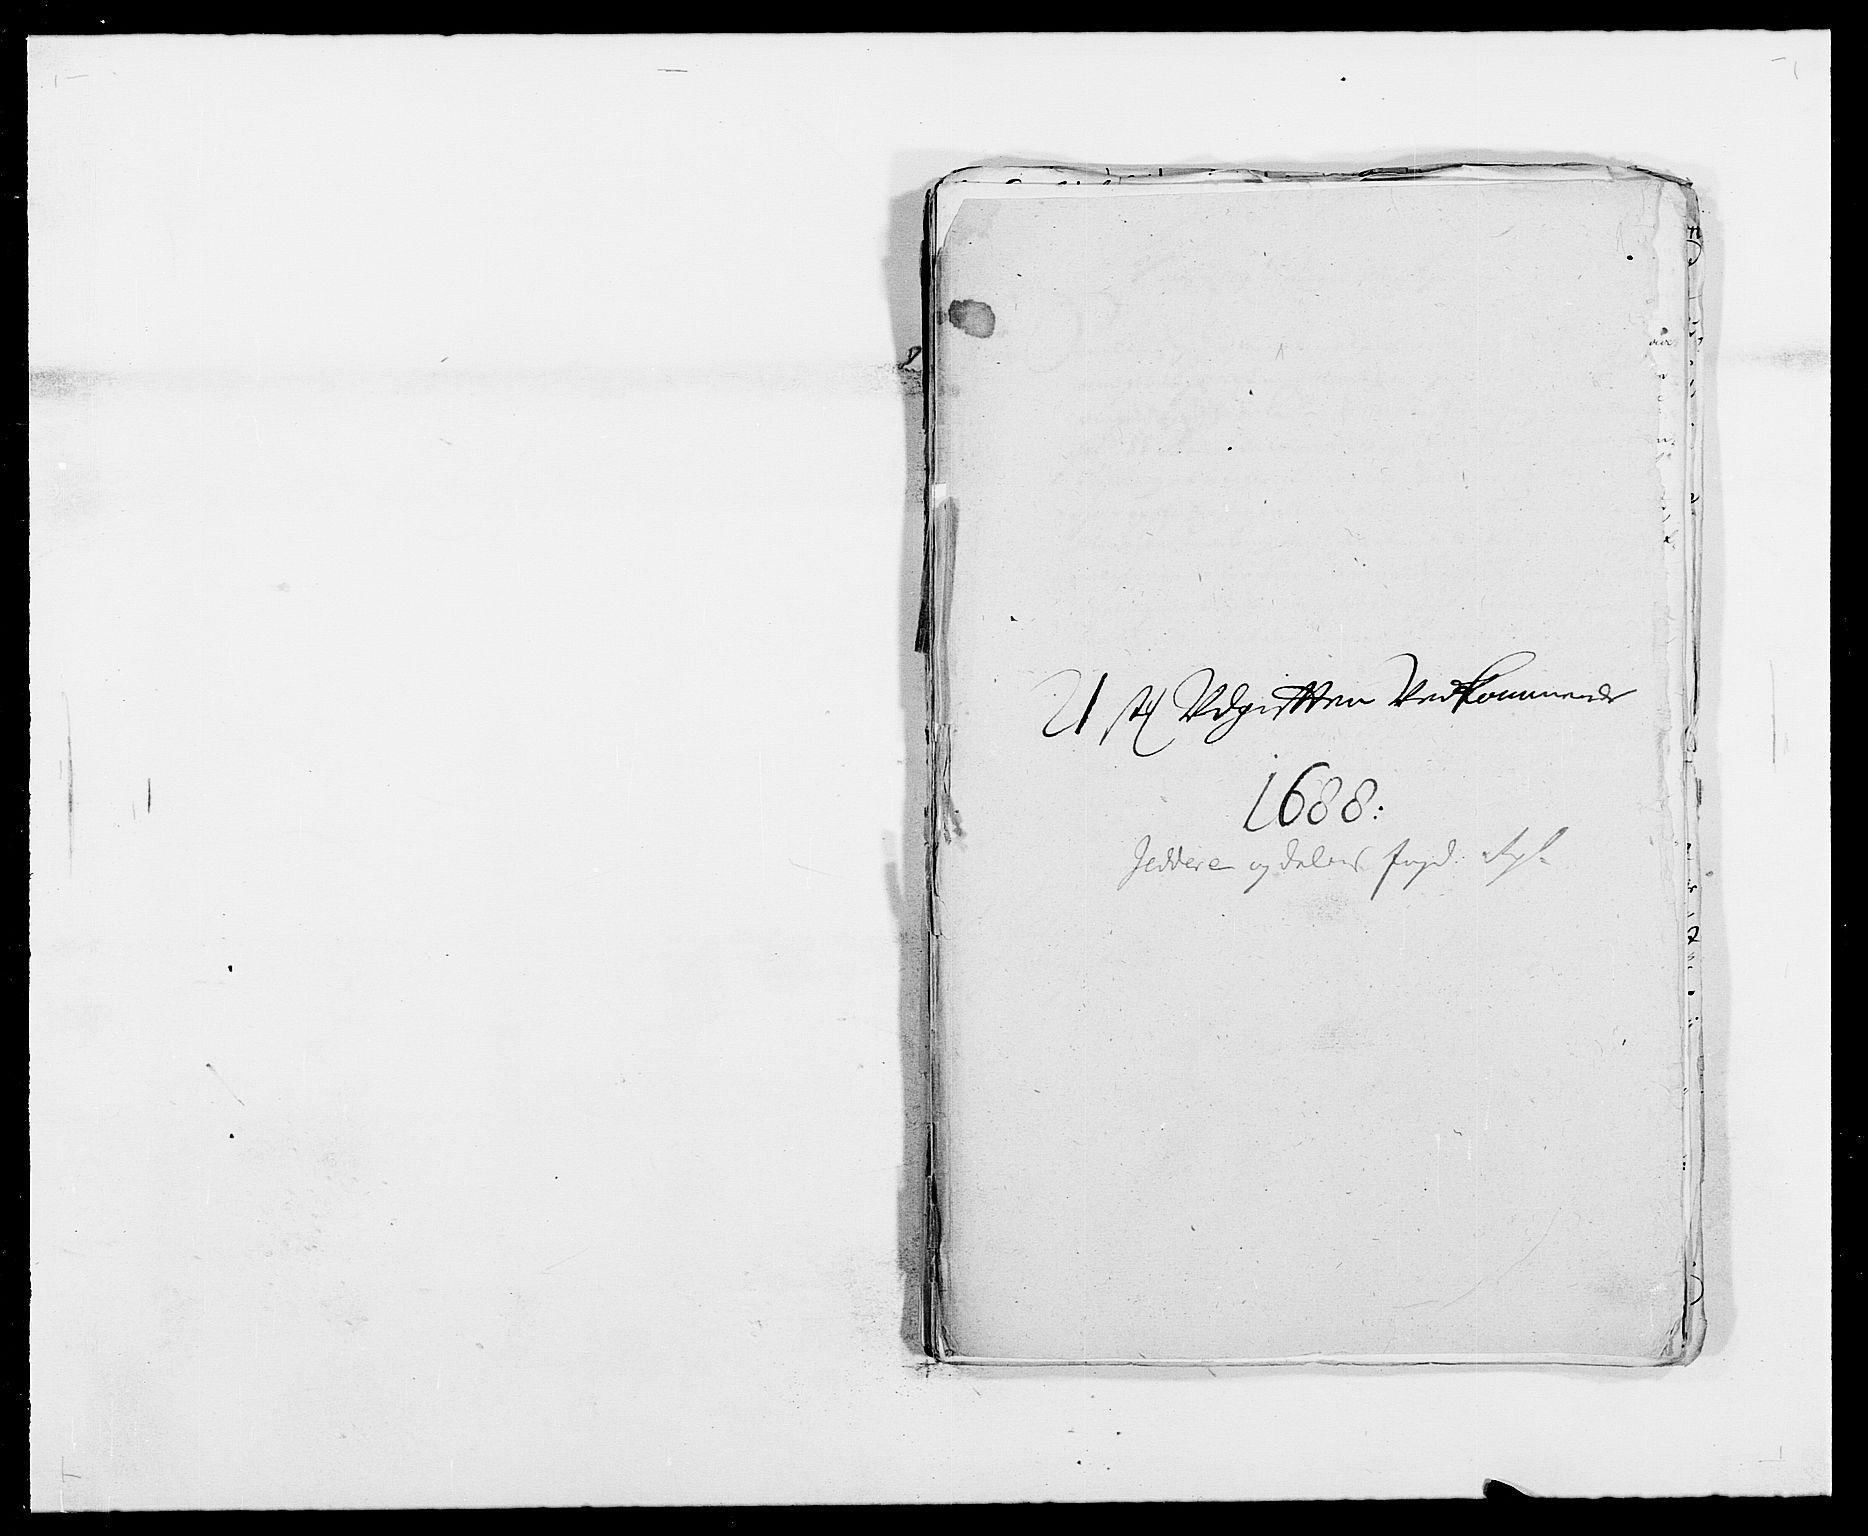 RA, Rentekammeret inntil 1814, Reviderte regnskaper, Fogderegnskap, R46/L2726: Fogderegnskap Jæren og Dalane, 1686-1689, s. 286